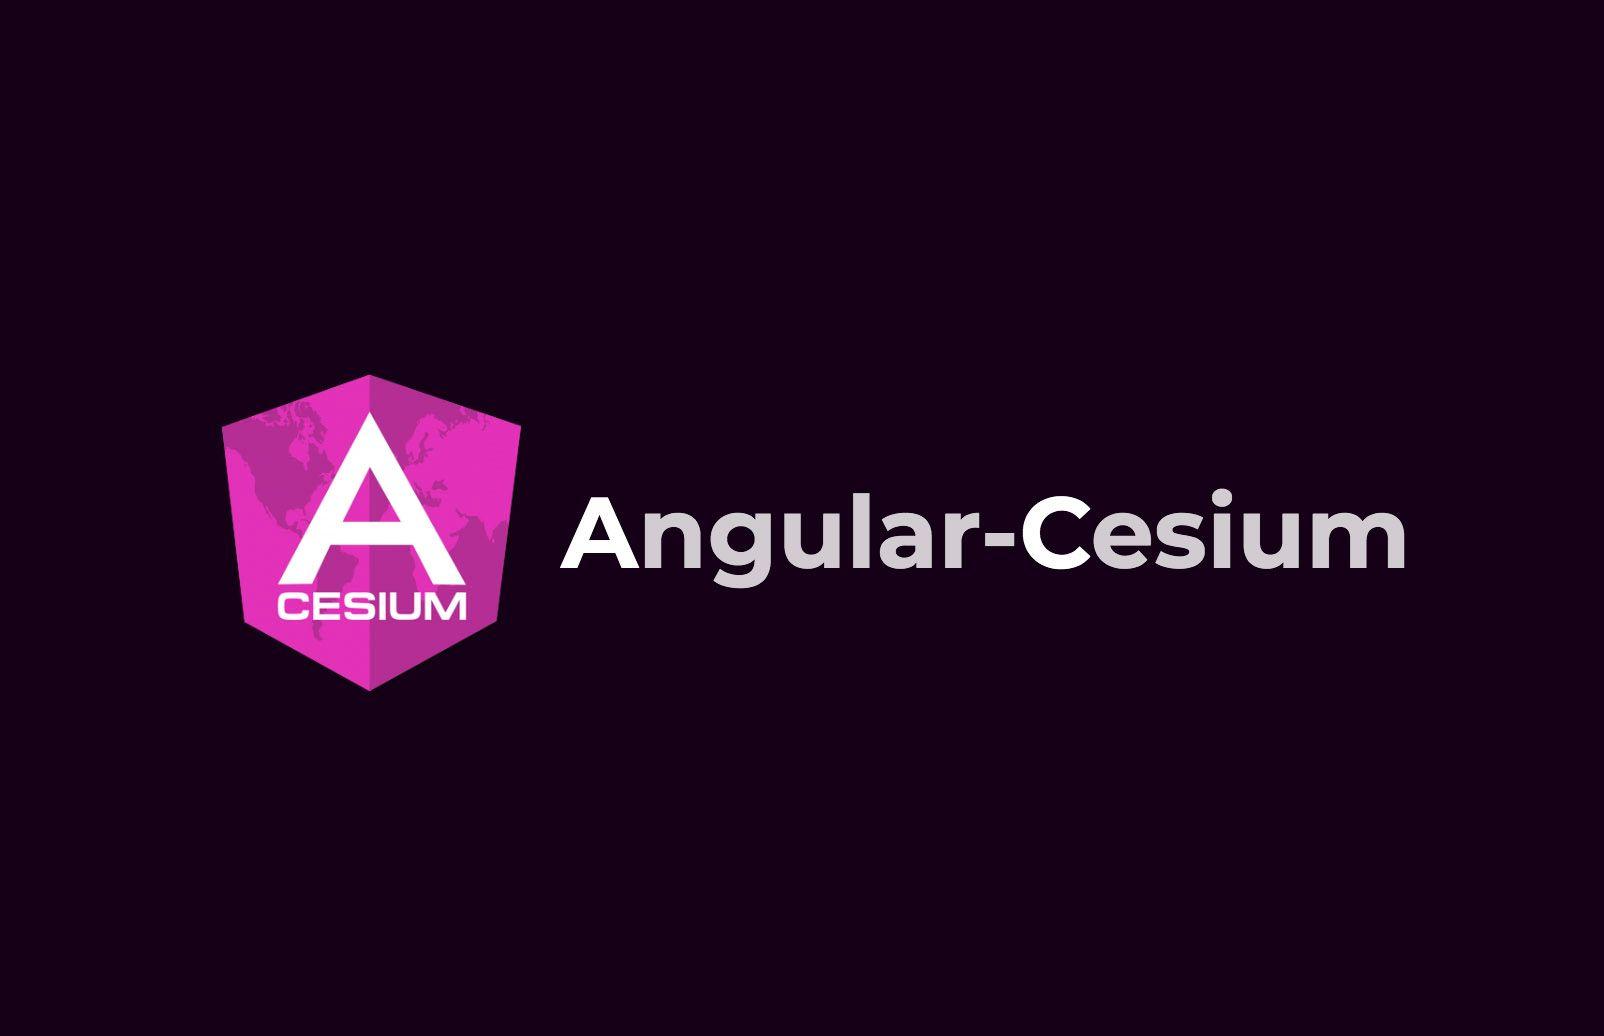 angular-cesium - Angular